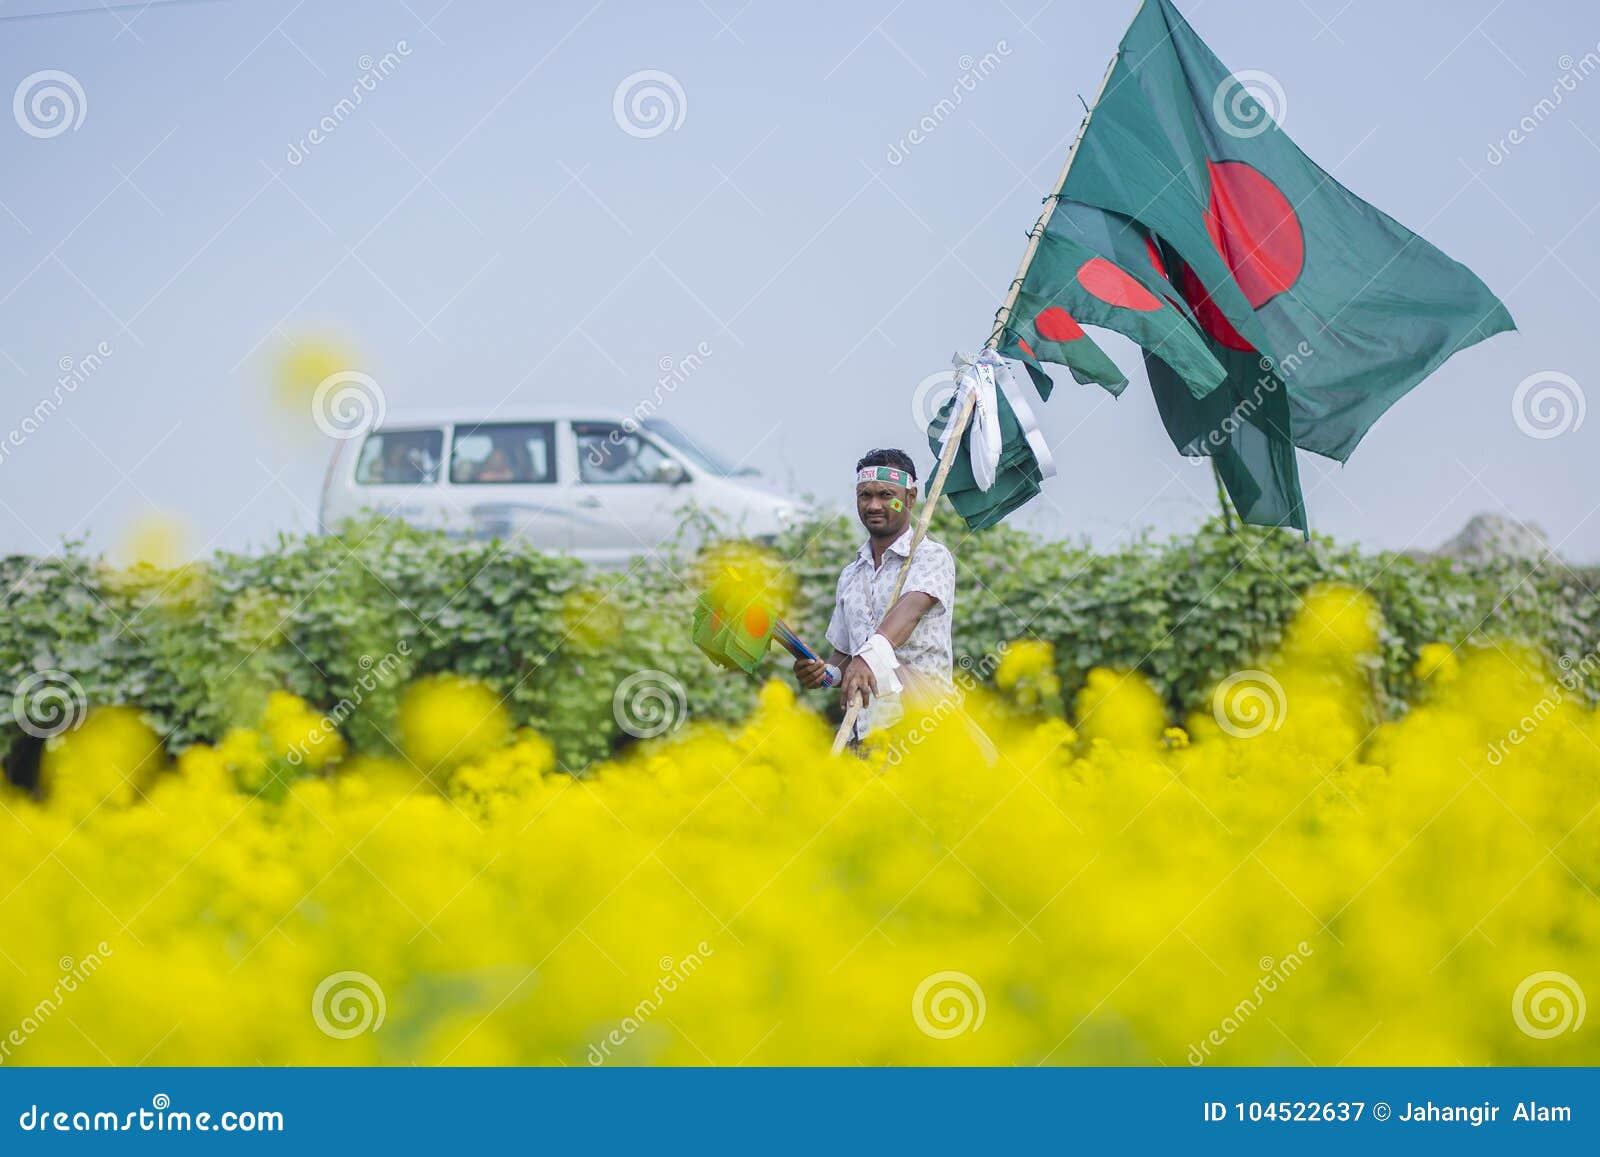 A Hawker Sells Bangladeshi National Flags At Mustard Field